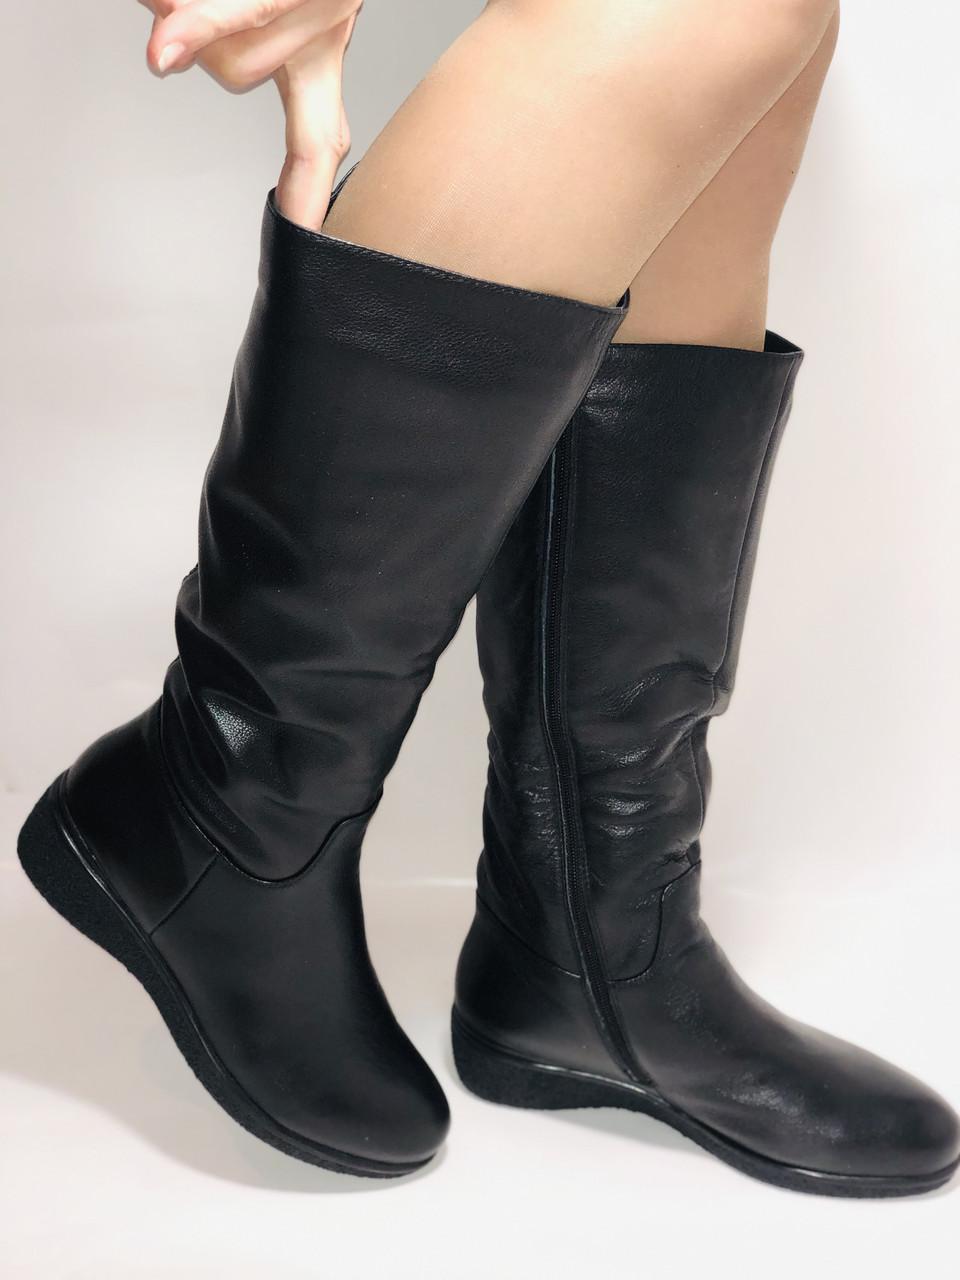 Molka. Зимние сапоги на широкую ногу на натуральном меху из  натуральной кожи.  Р. 36.37.38.